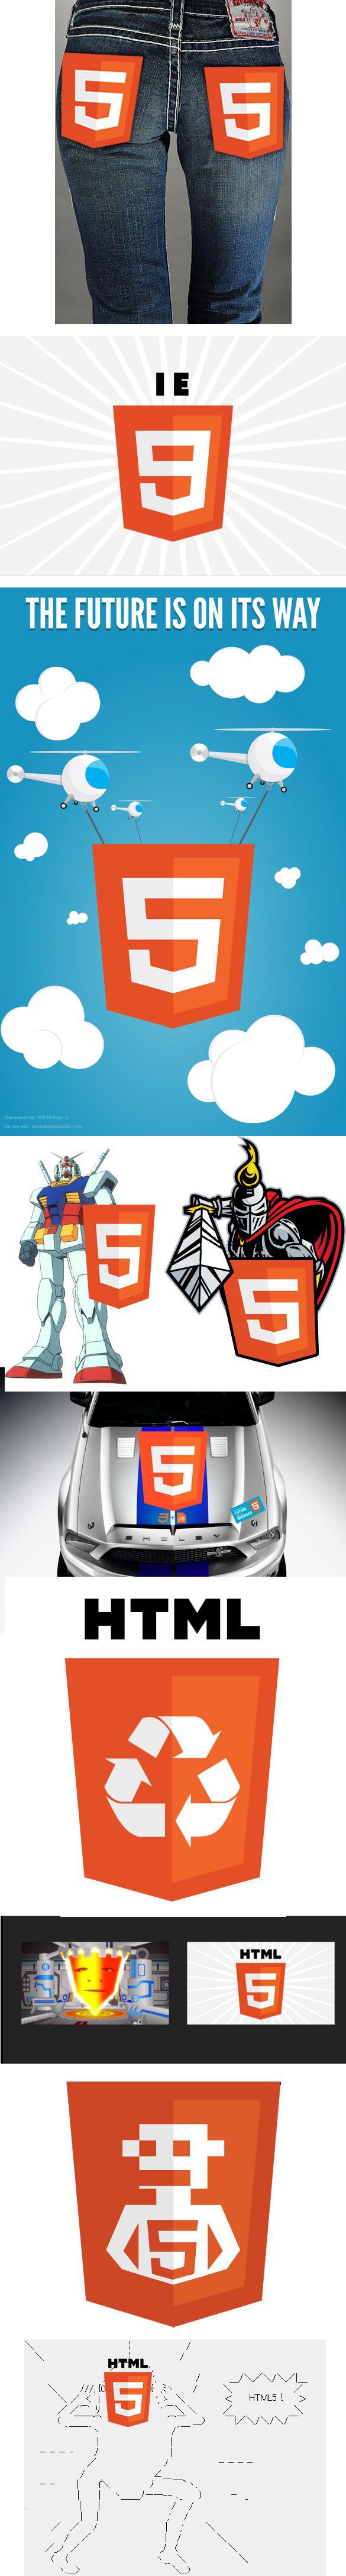 html52 Déjà les parodies du logo pour le HTML5 : )